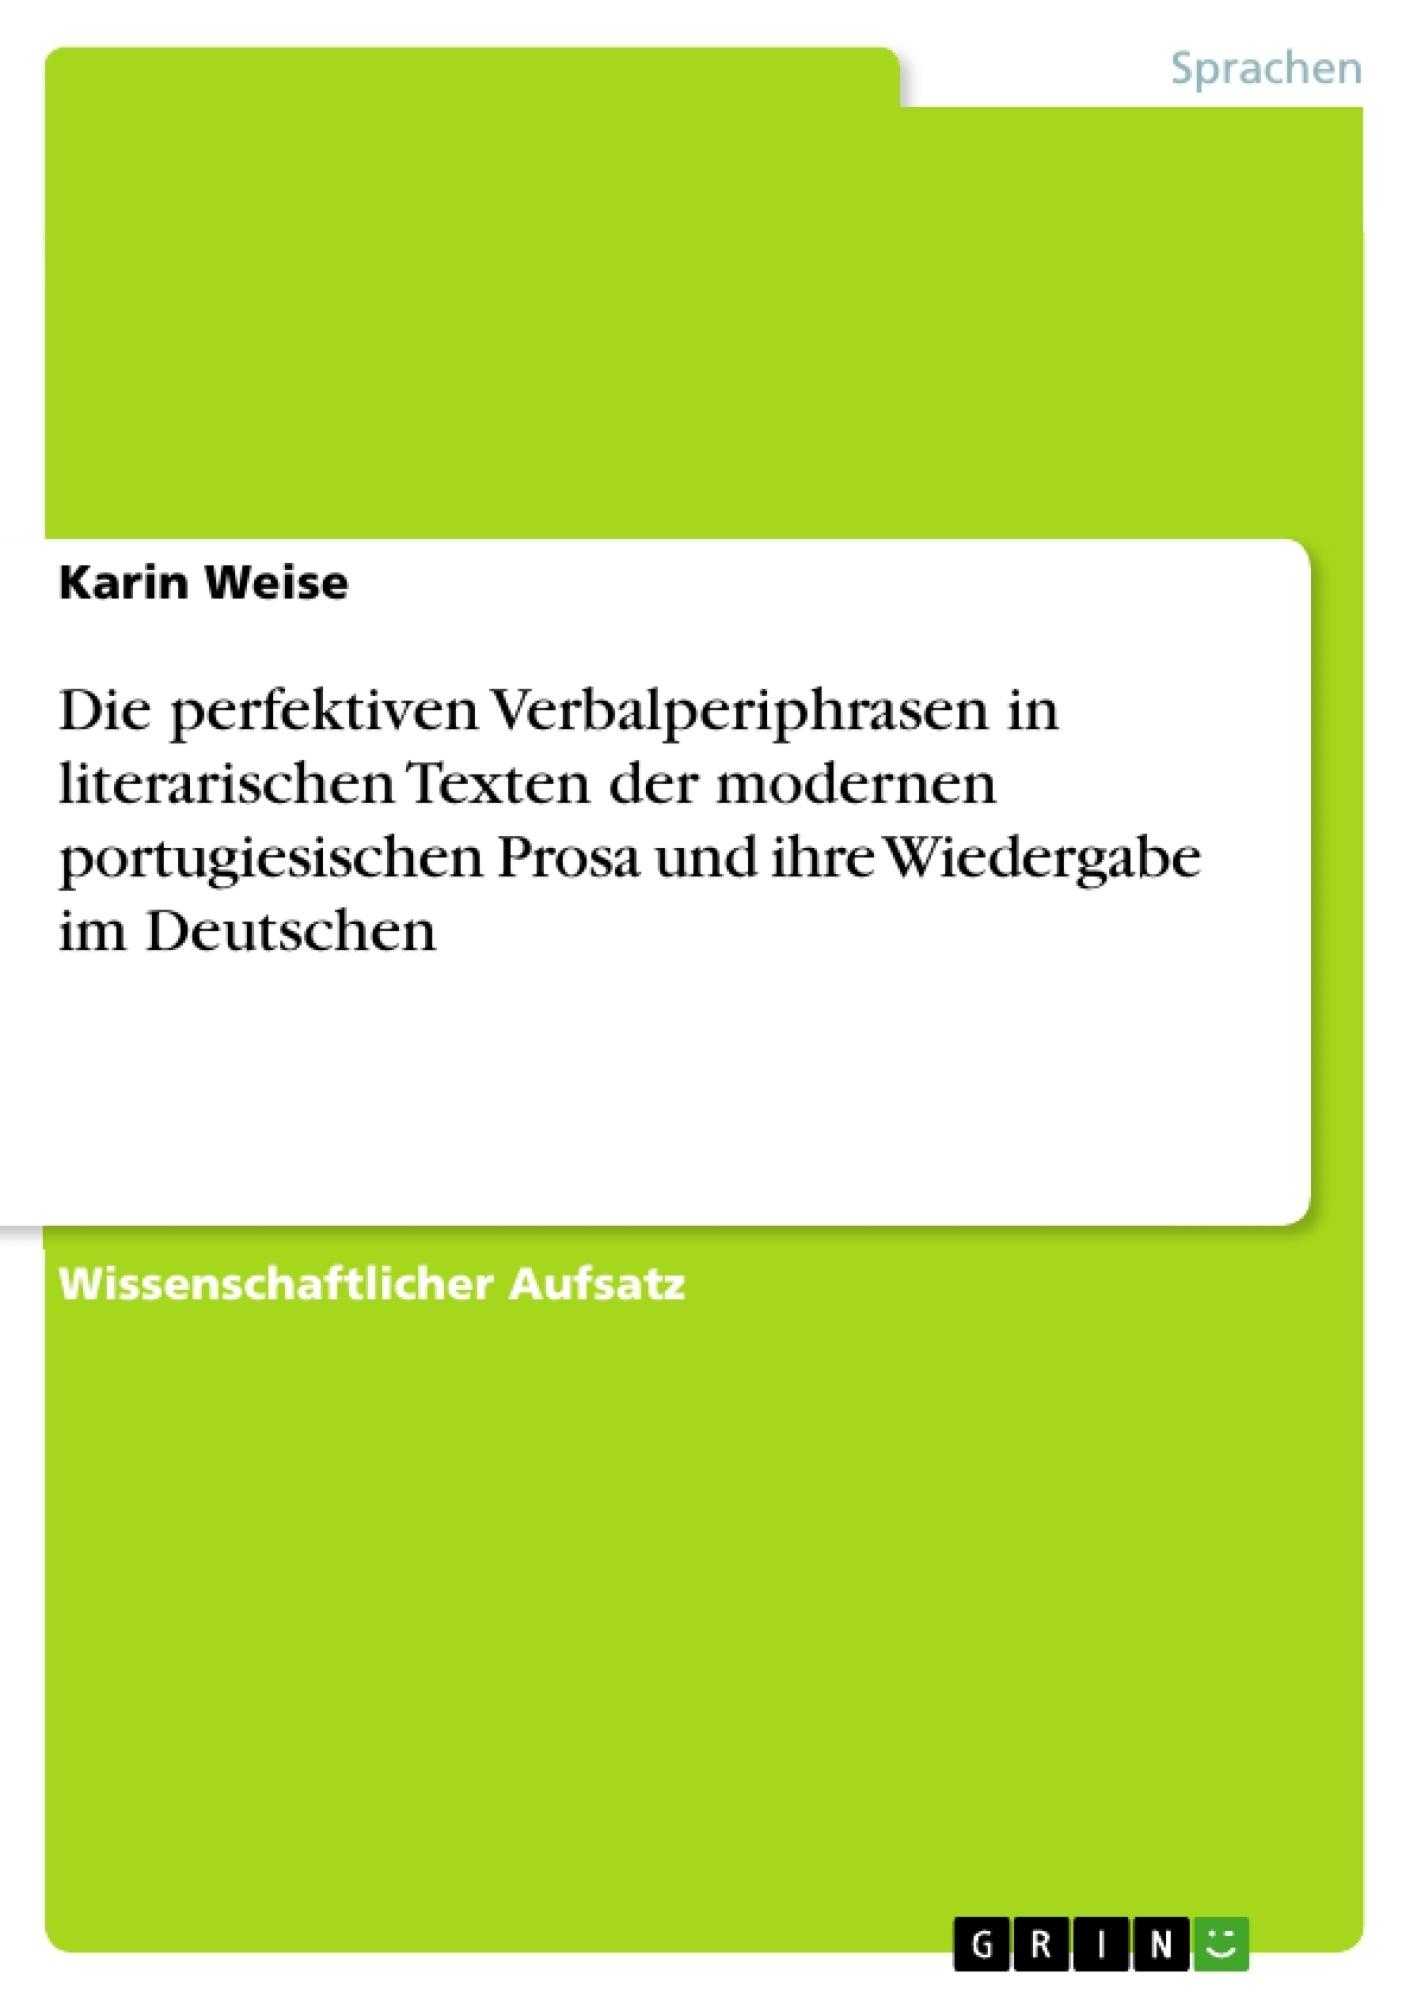 Titel: Die perfektiven Verbalperiphrasen in literarischen Texten der modernen portugiesischen Prosa und ihre Wiedergabe im Deutschen